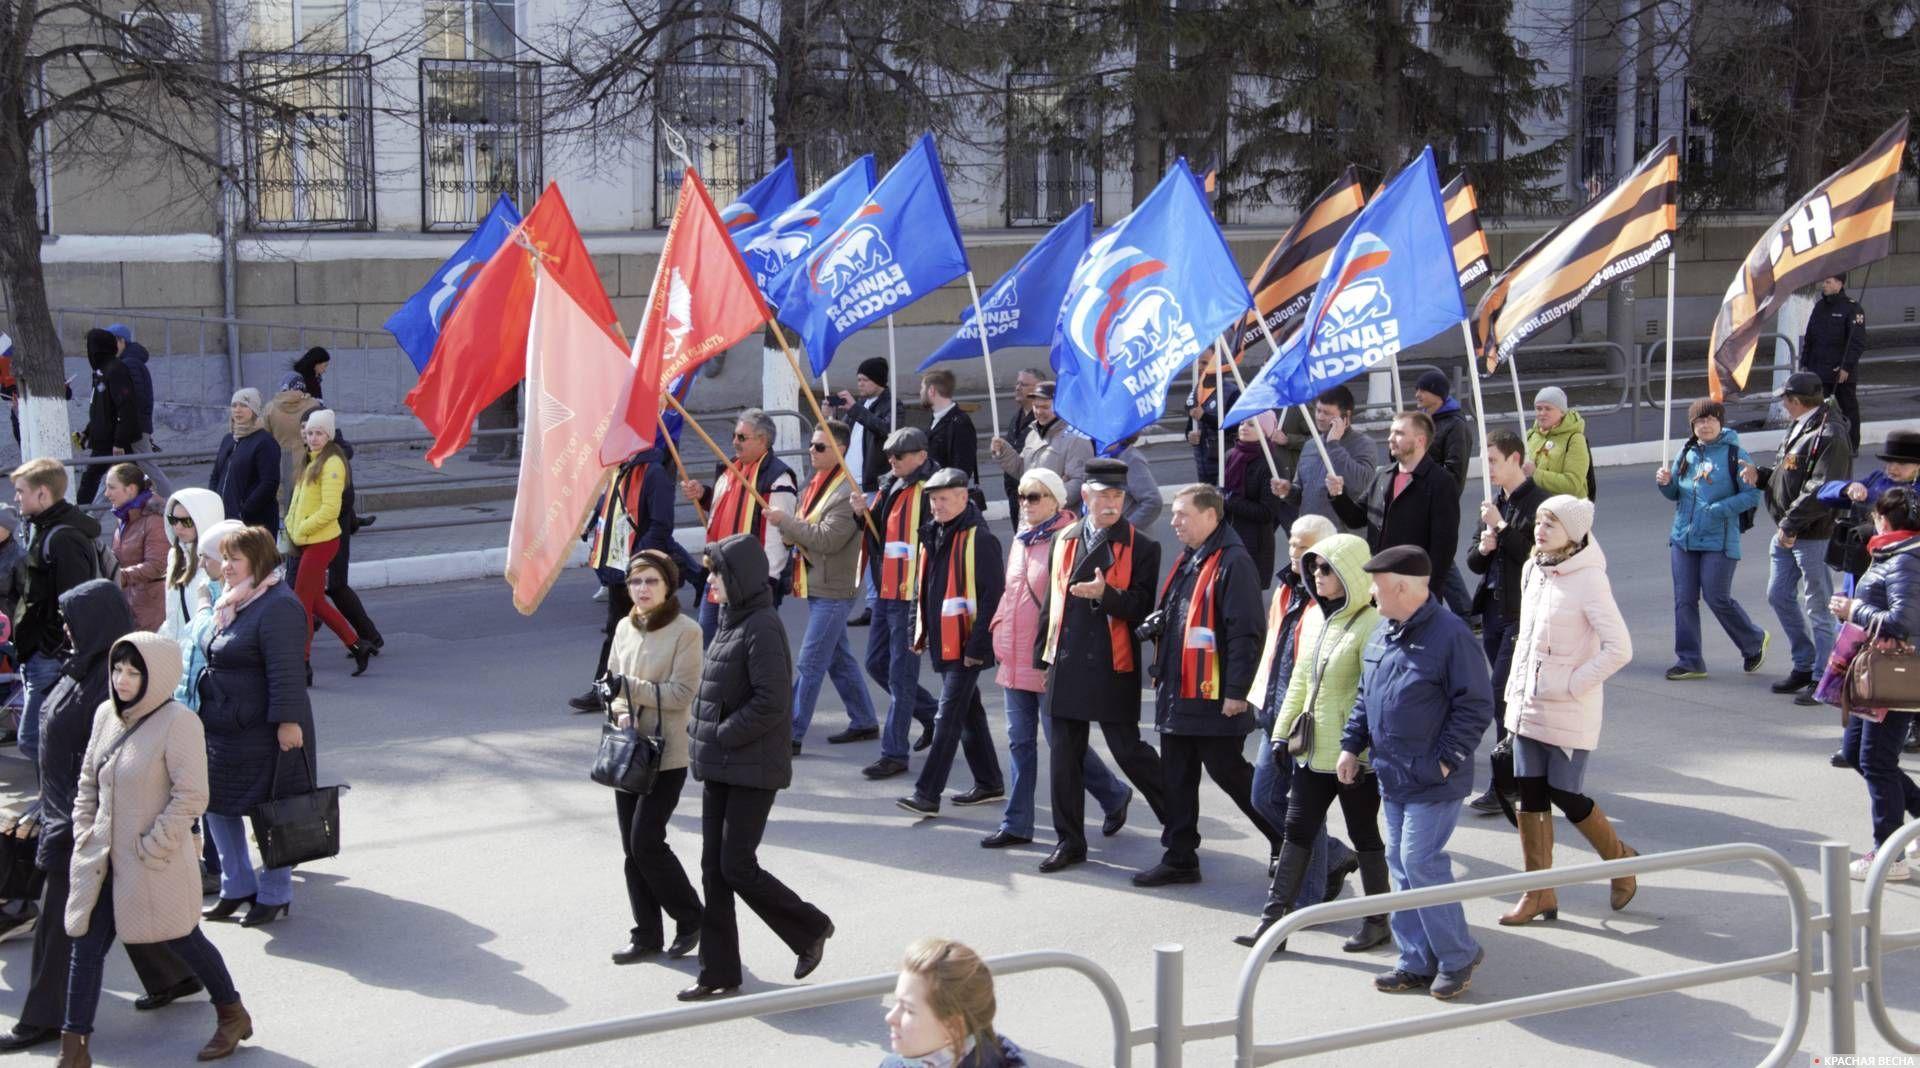 КПРФ в Кургане прошла в общем строю с «Единой Россией», но под своими лозунгами https://rossaprimavera.ru/news/3dab8799